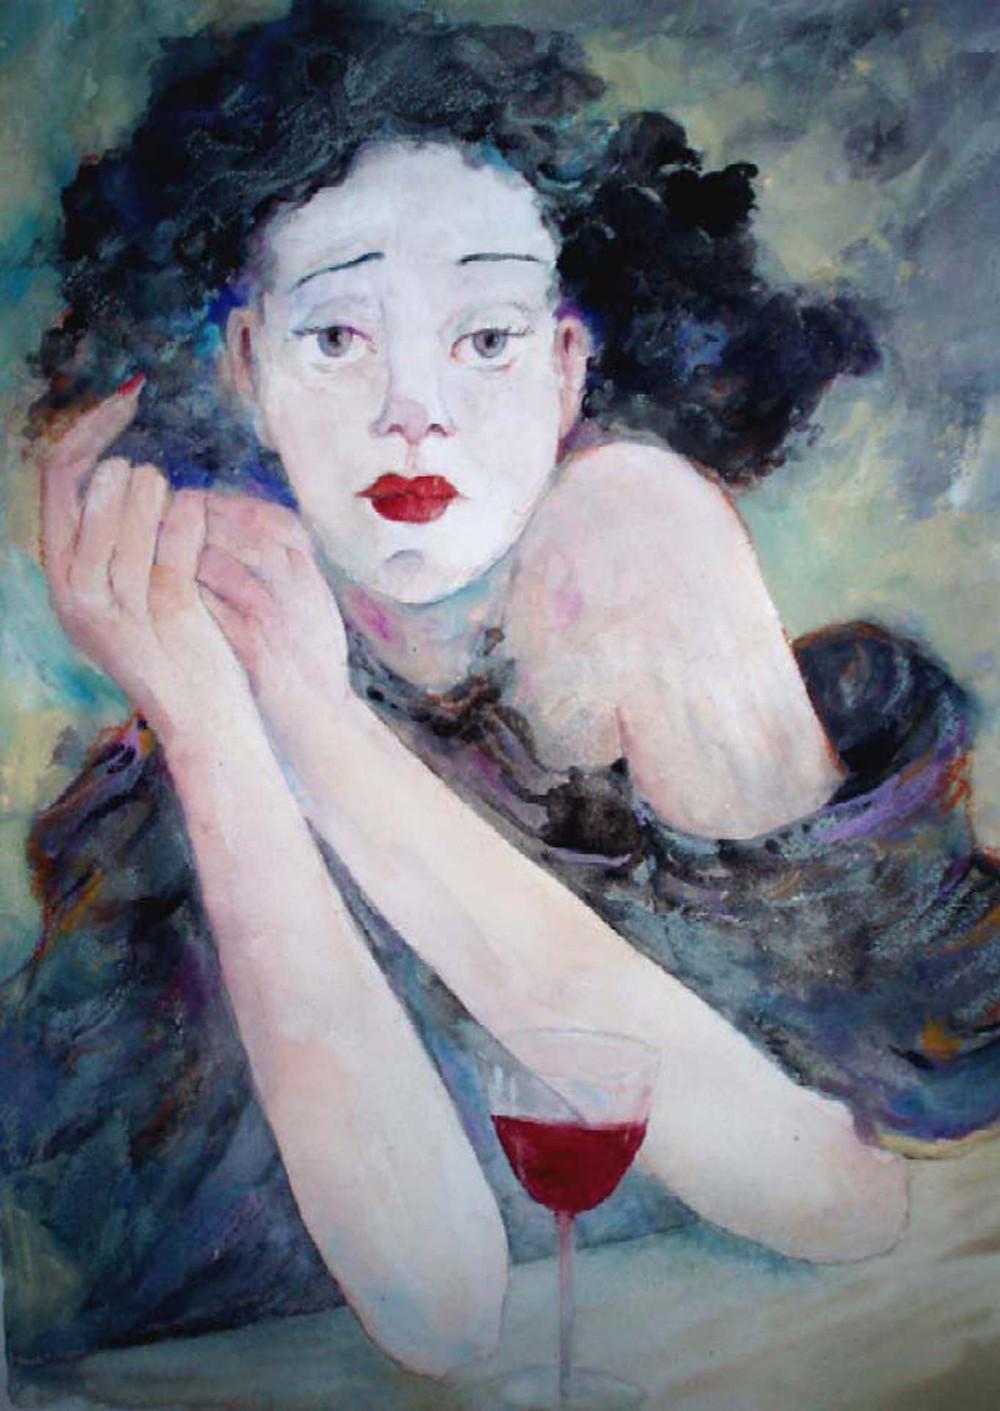 La Vie en Rose - Edith Piaf Portrait